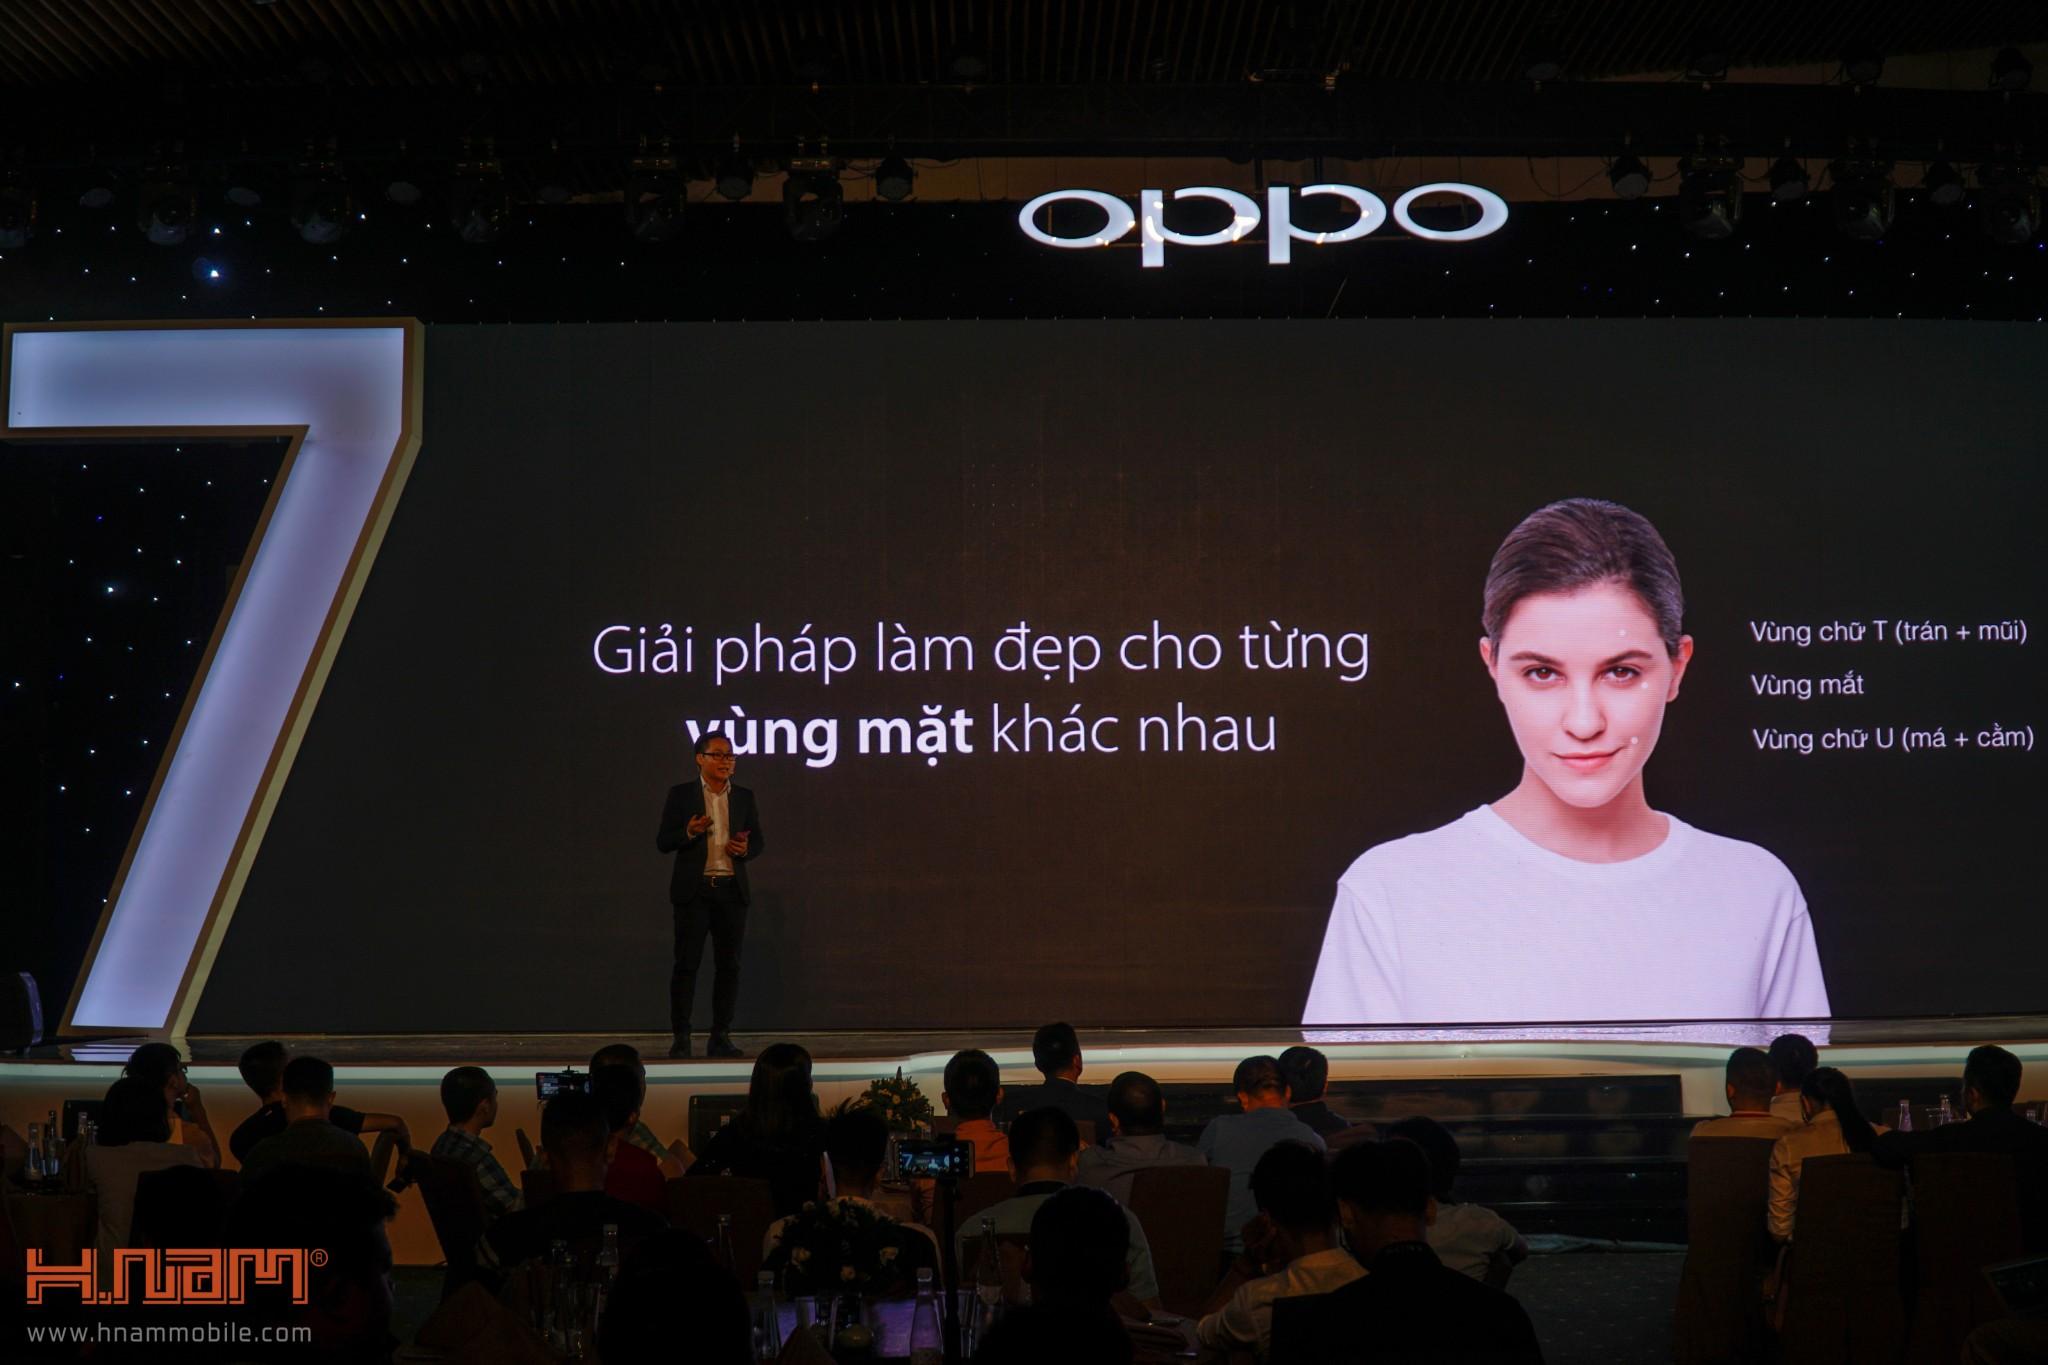 Oppo chính thức ra mắt Oppo F7 tai Việt Nam với giá bán cực kỳ hấp dẫn hình 5